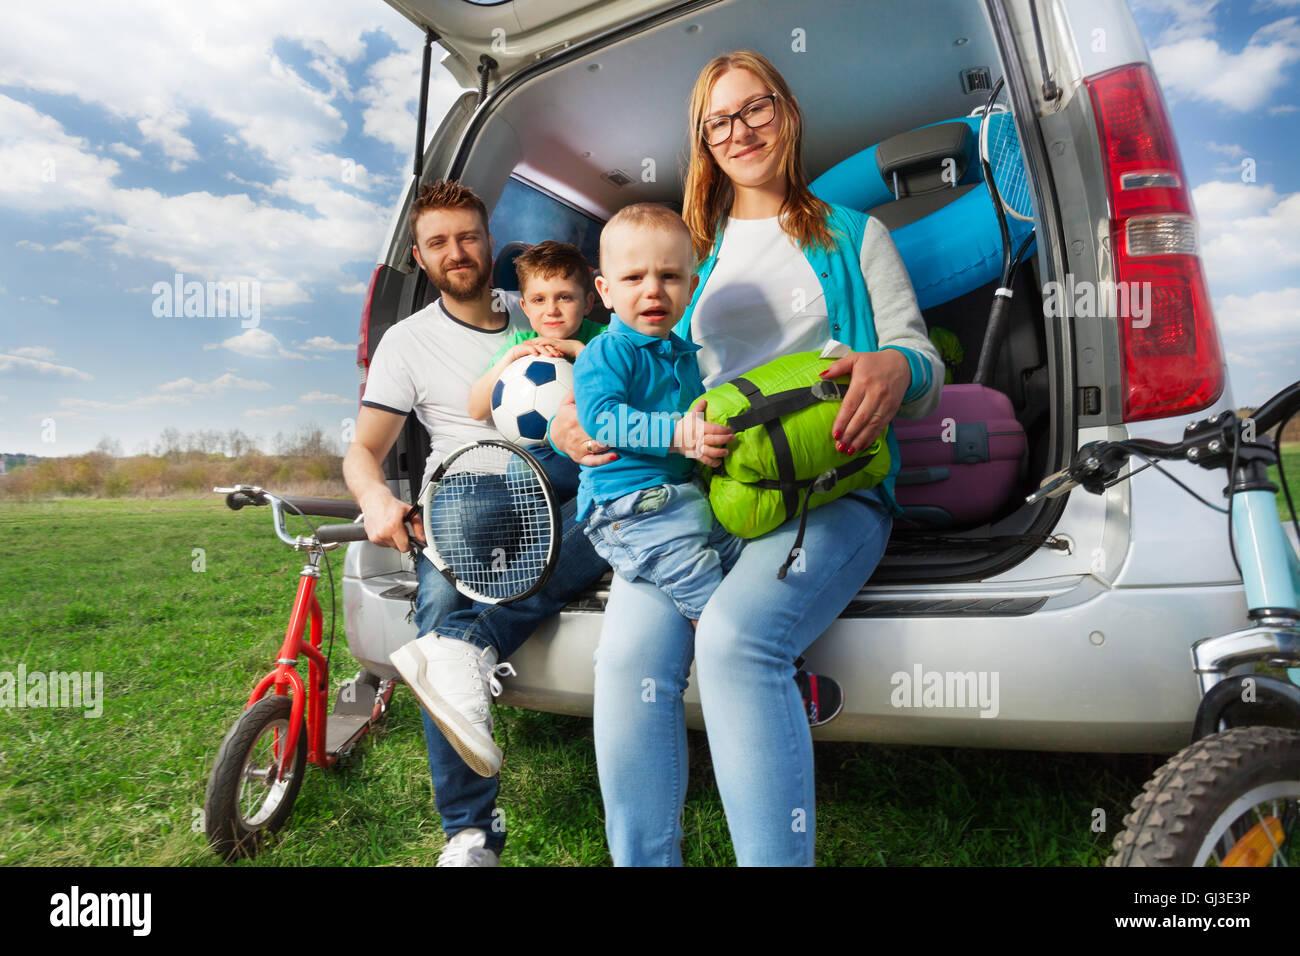 Glücklich sportliche Familie in den Sommerurlaub Stockbild